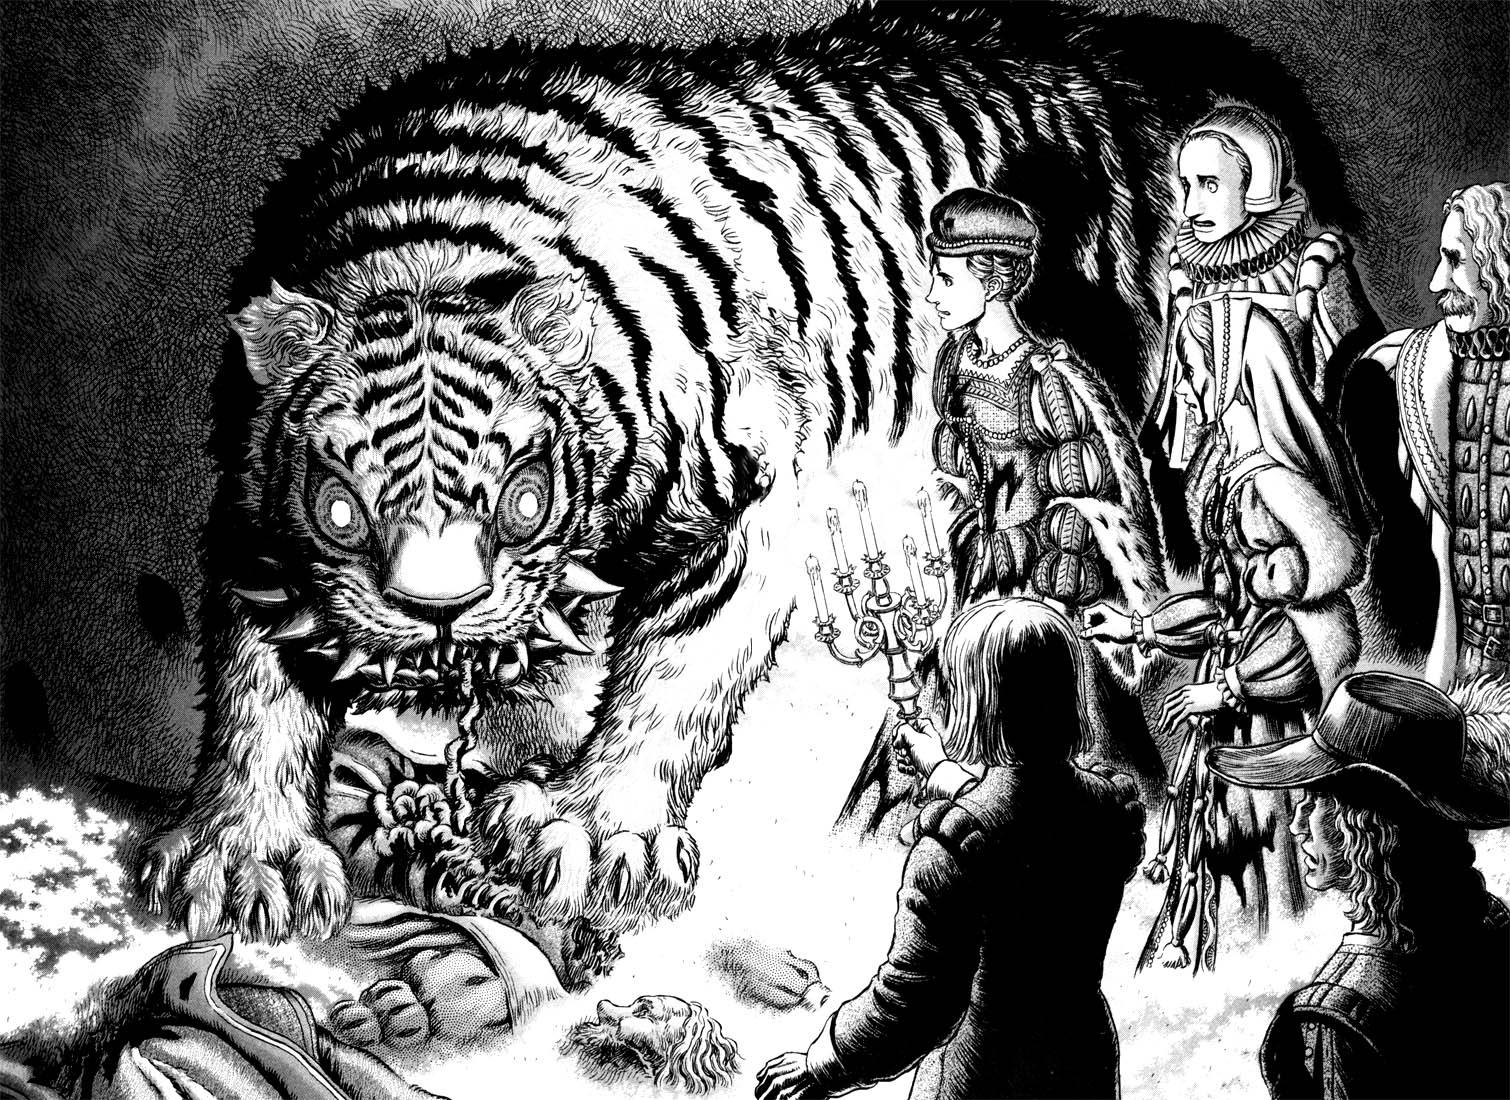 Pishacha_Tiger.jpg